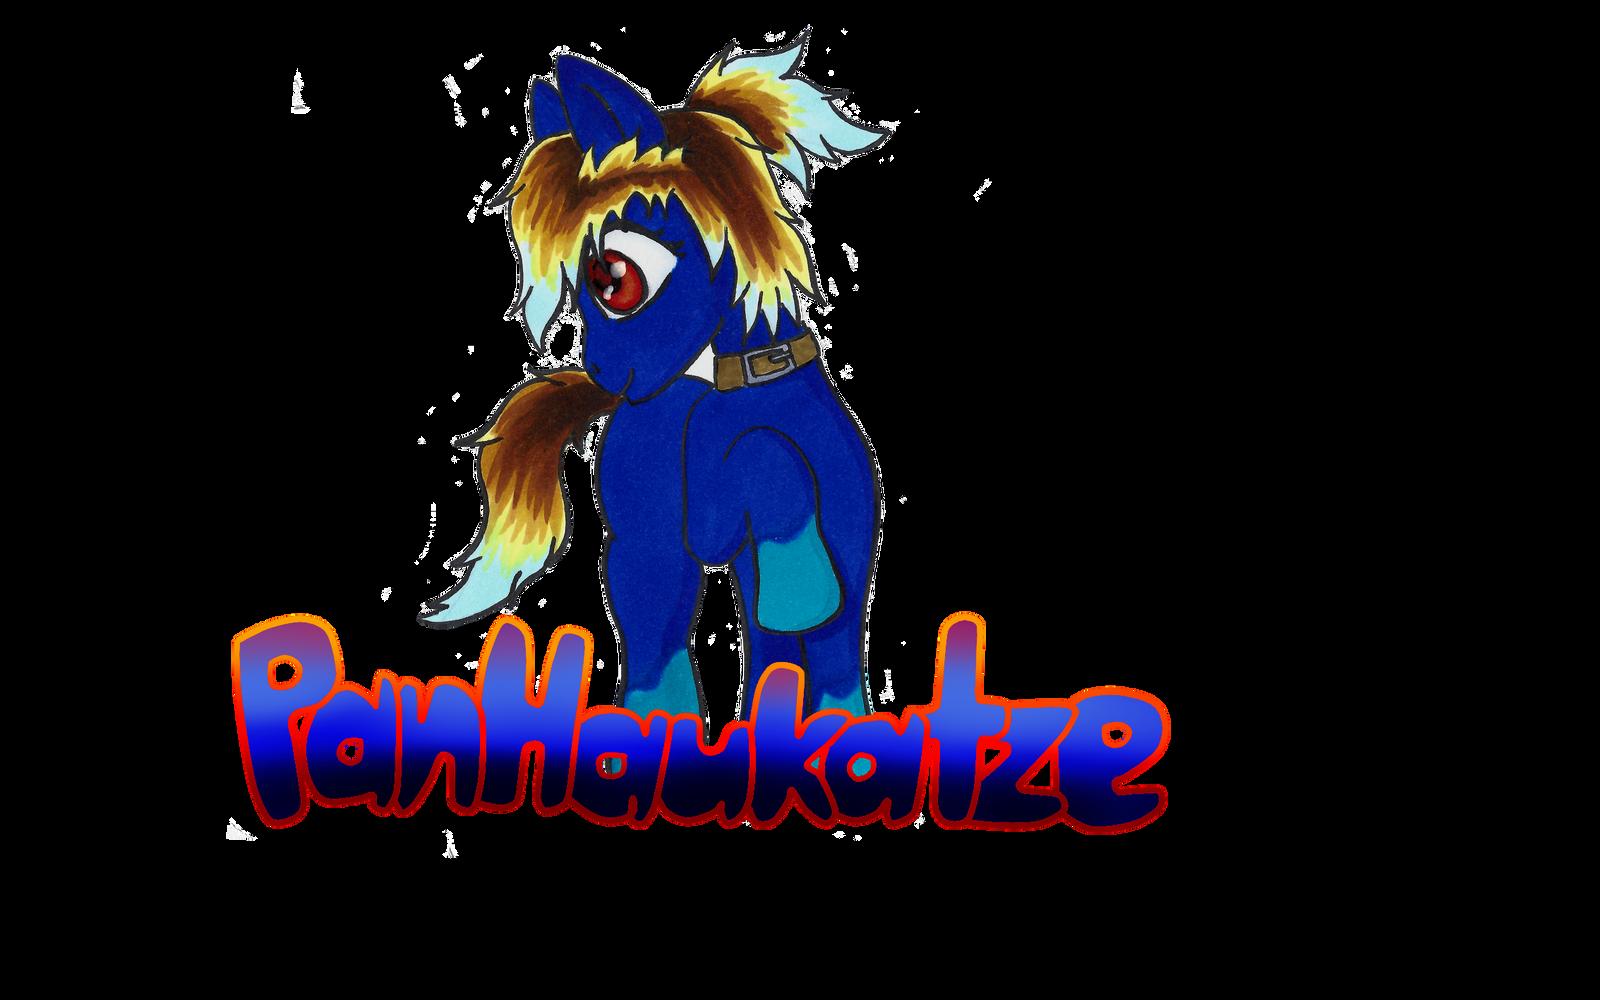 Pan T-shirt Vorder seite by PanHaukatze